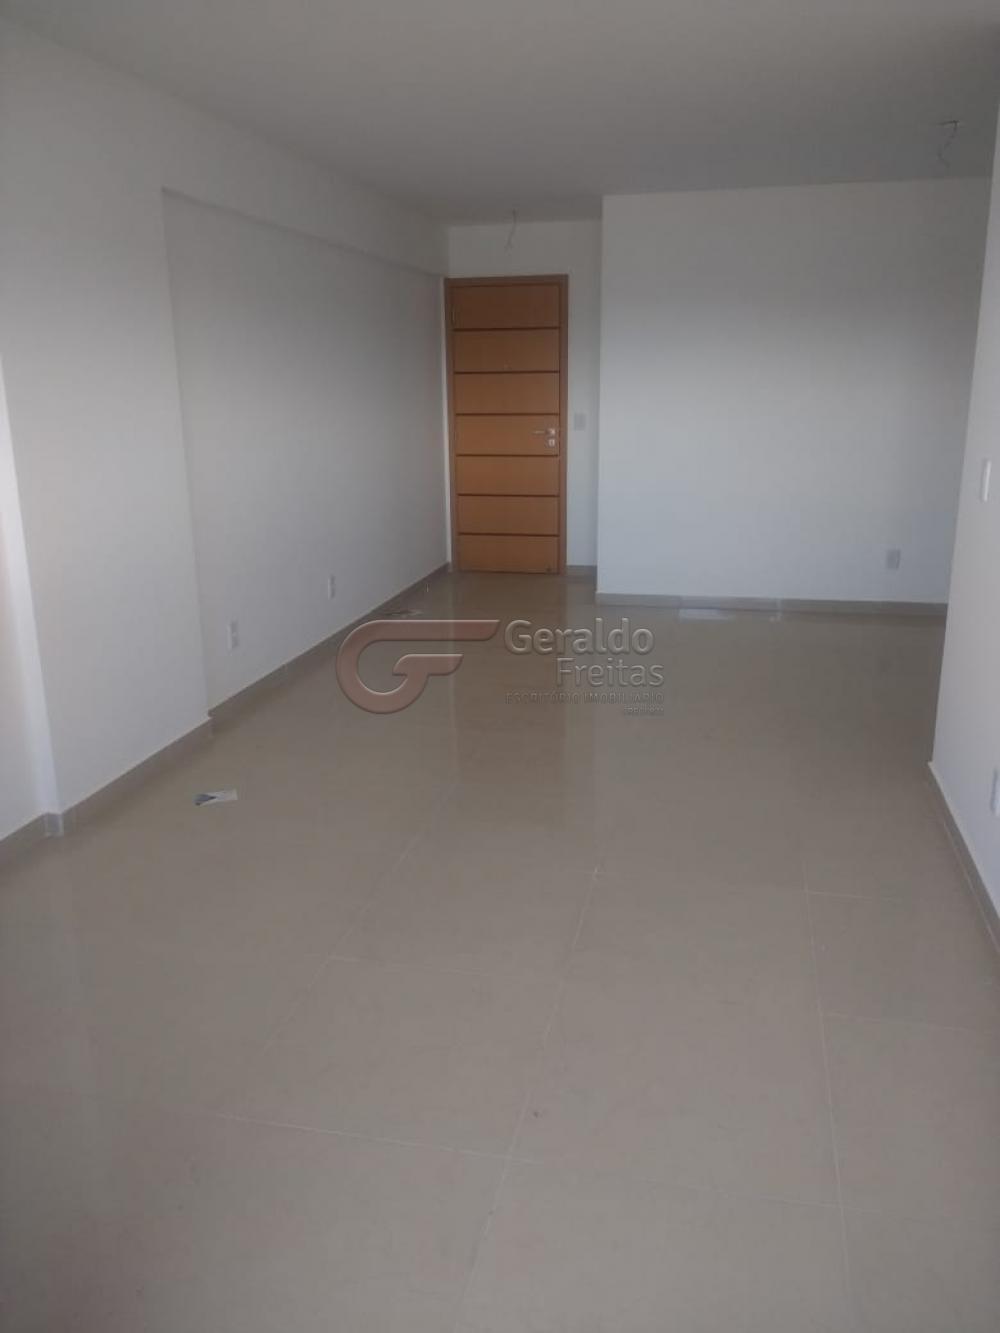 Comprar Apartamentos / Padrão em Maceió apenas R$ 770.000,00 - Foto 11